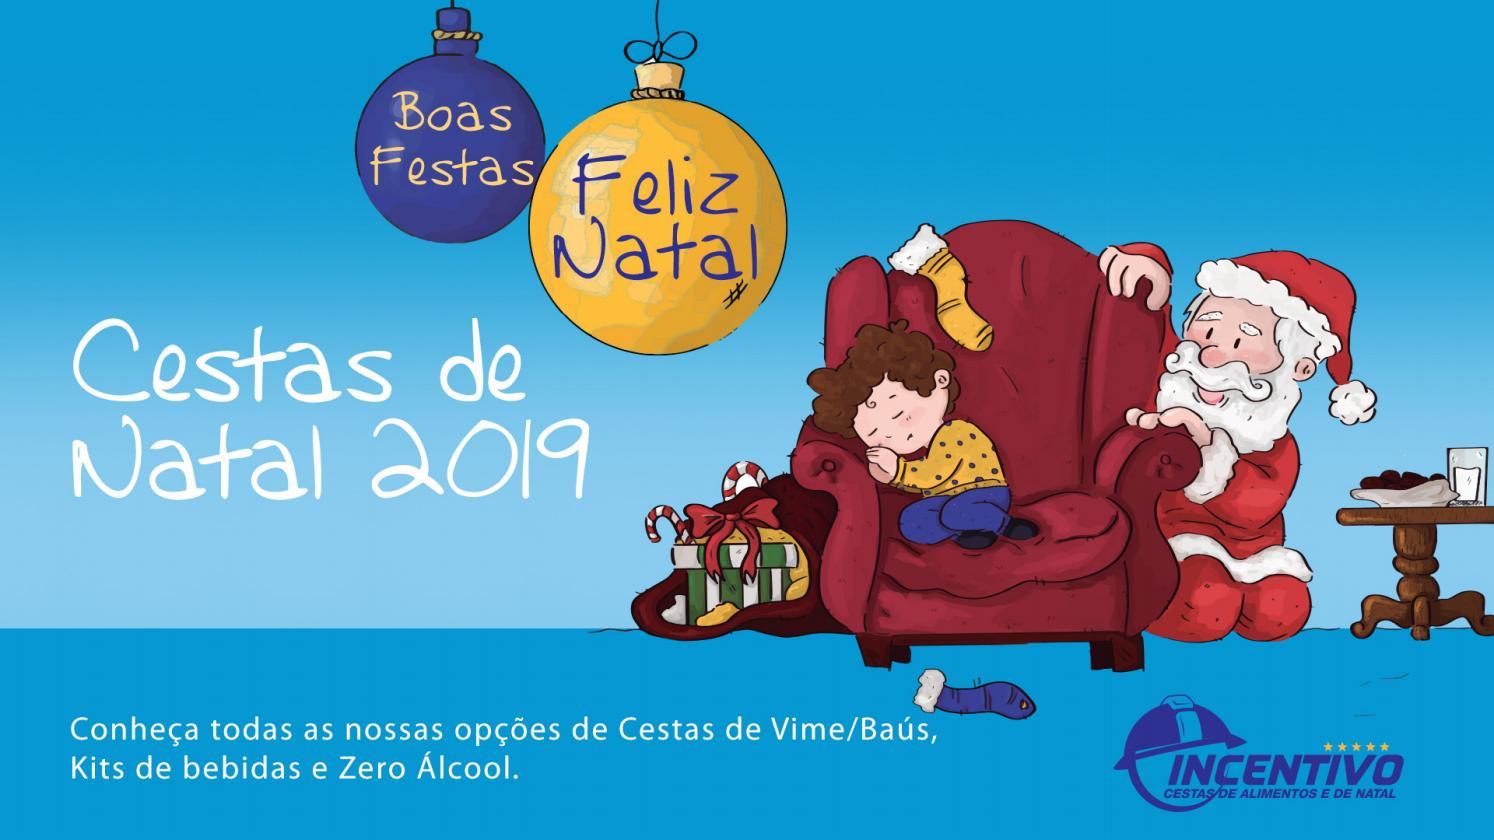 Cestas de Natal 2019 Incentivo by Cesta Incentivo.